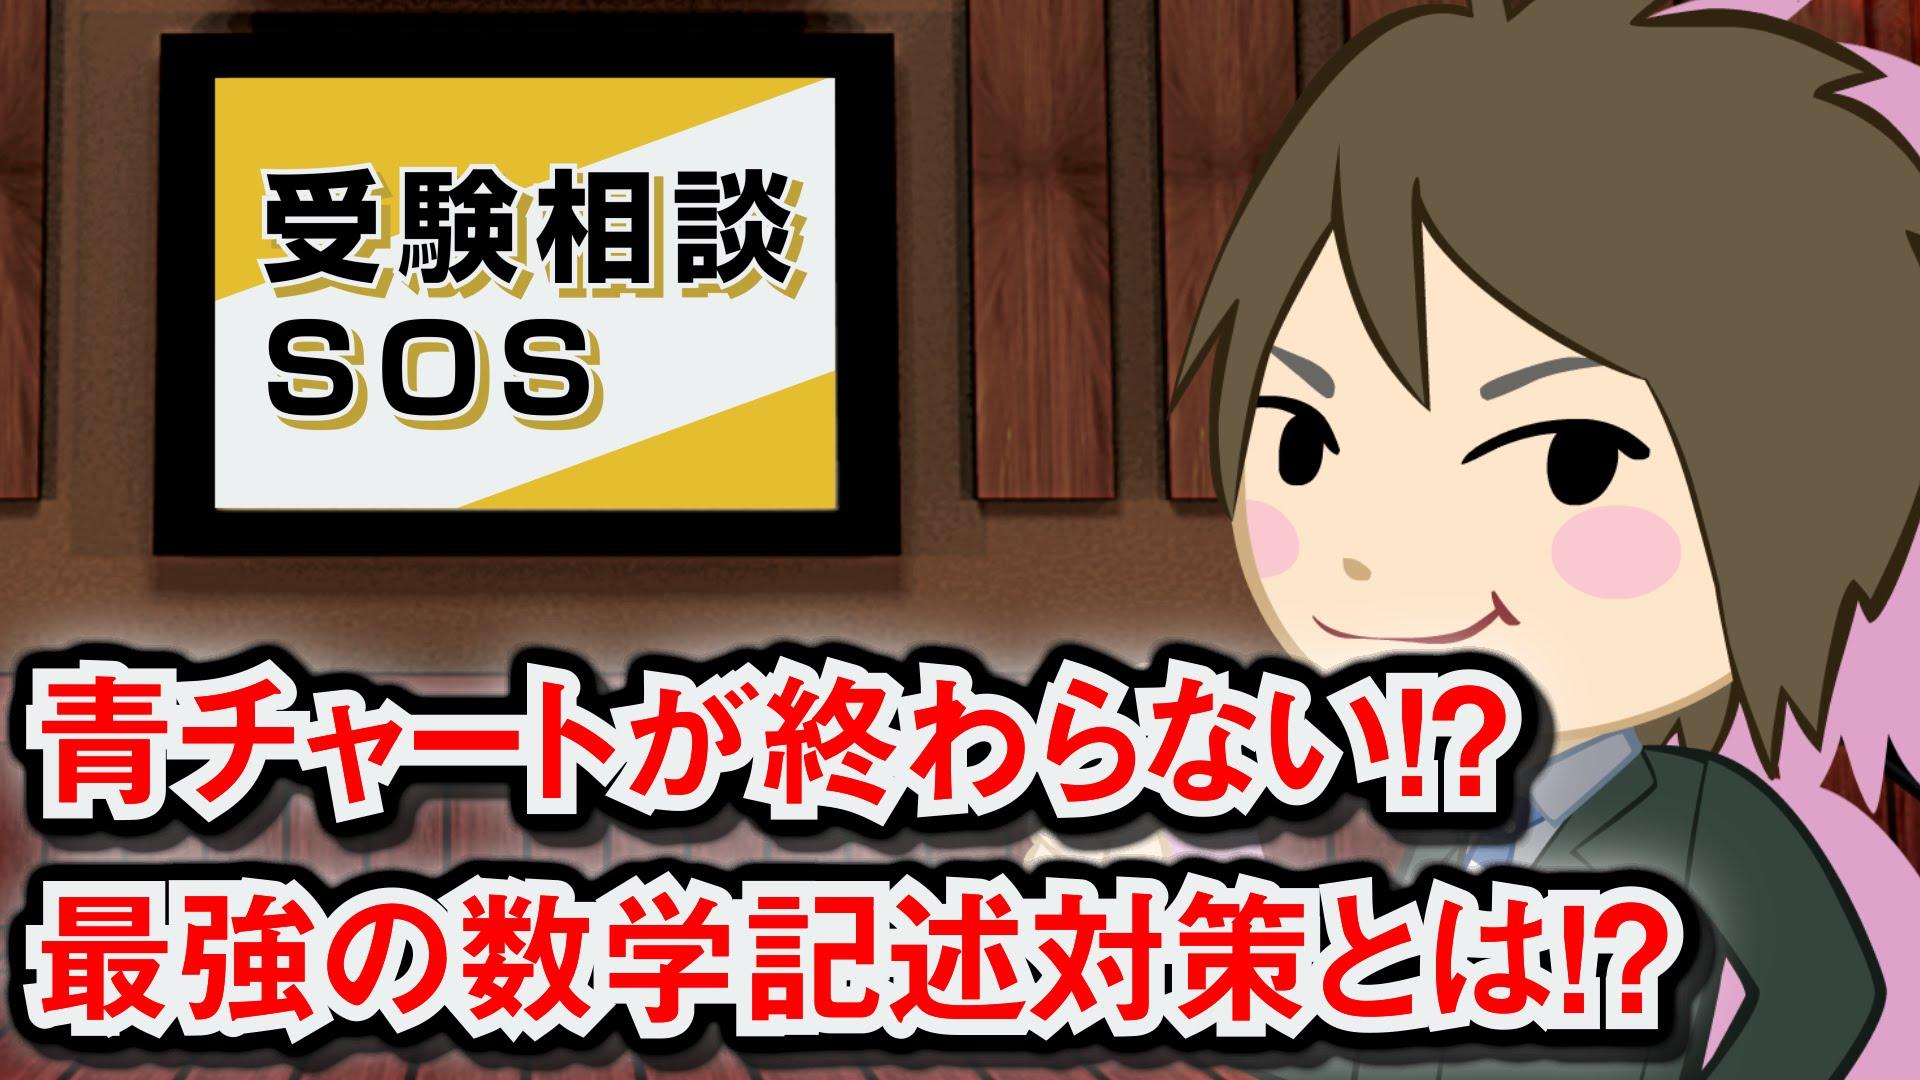 【vol.71】青チャートが終わらない!?&最強の数学記述対策とは!?|受験相談SOS